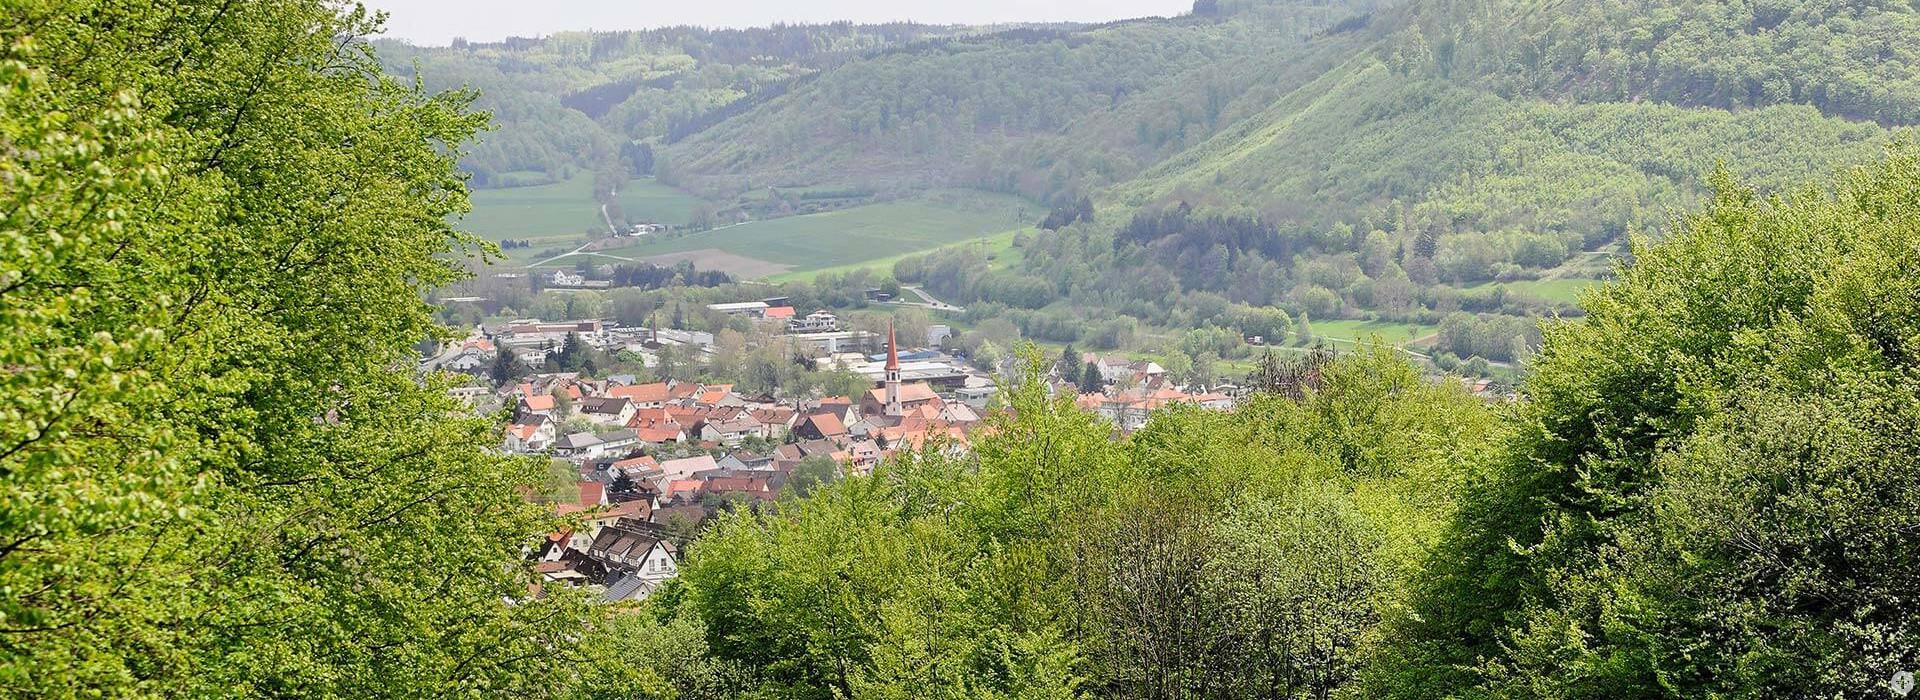 Blick auf die Stadt Oberkochen